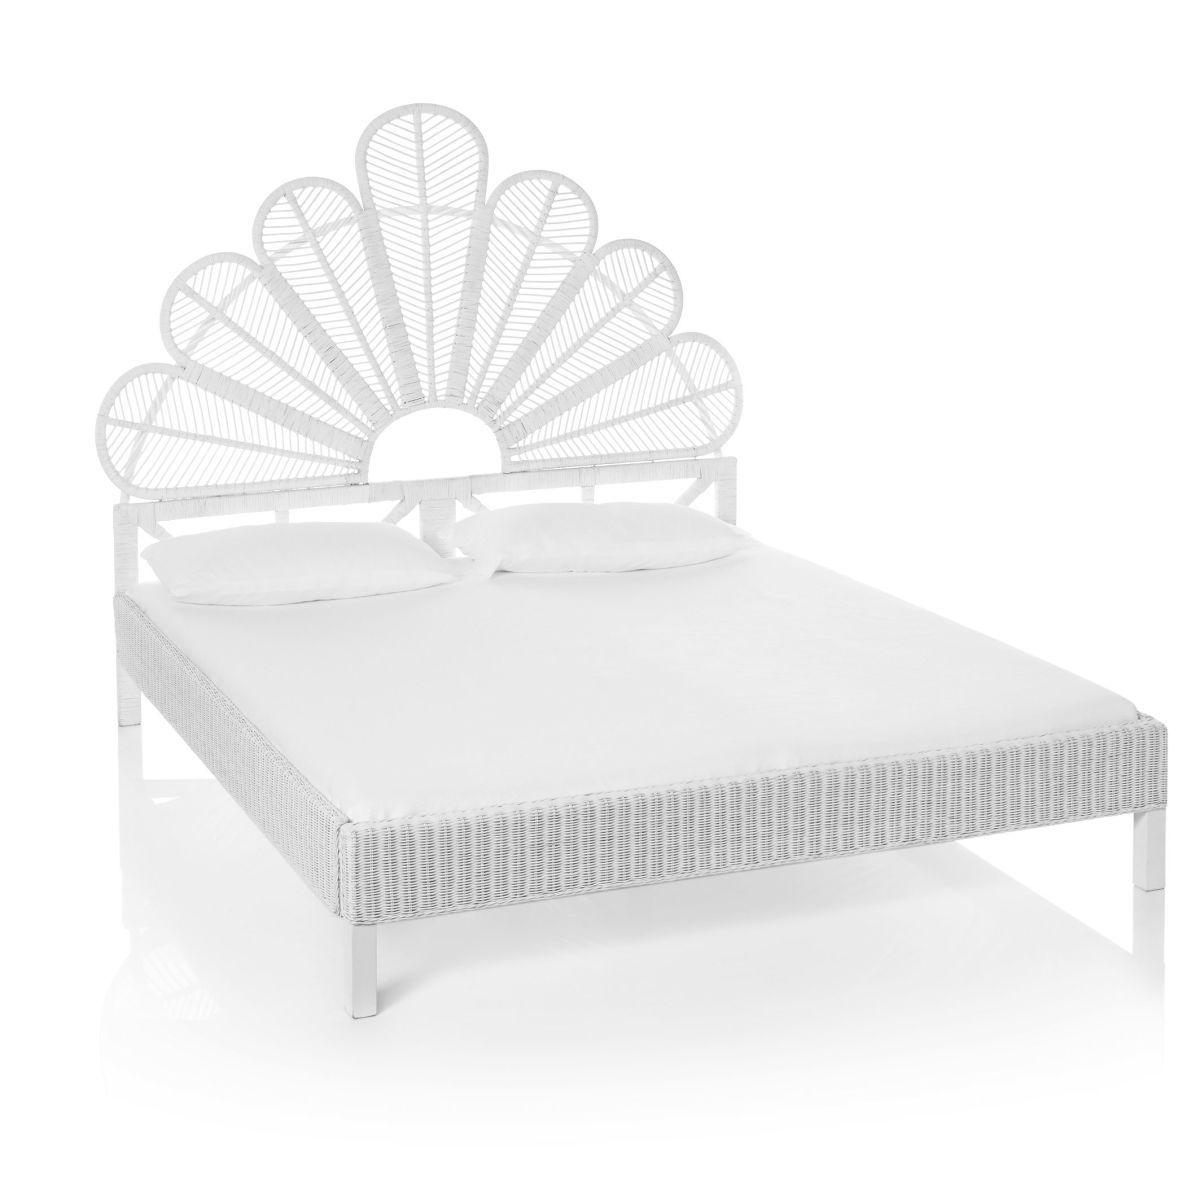 Bett Verzierter Kopfteil Ethno Look Rattan Holz Schlafzimmer